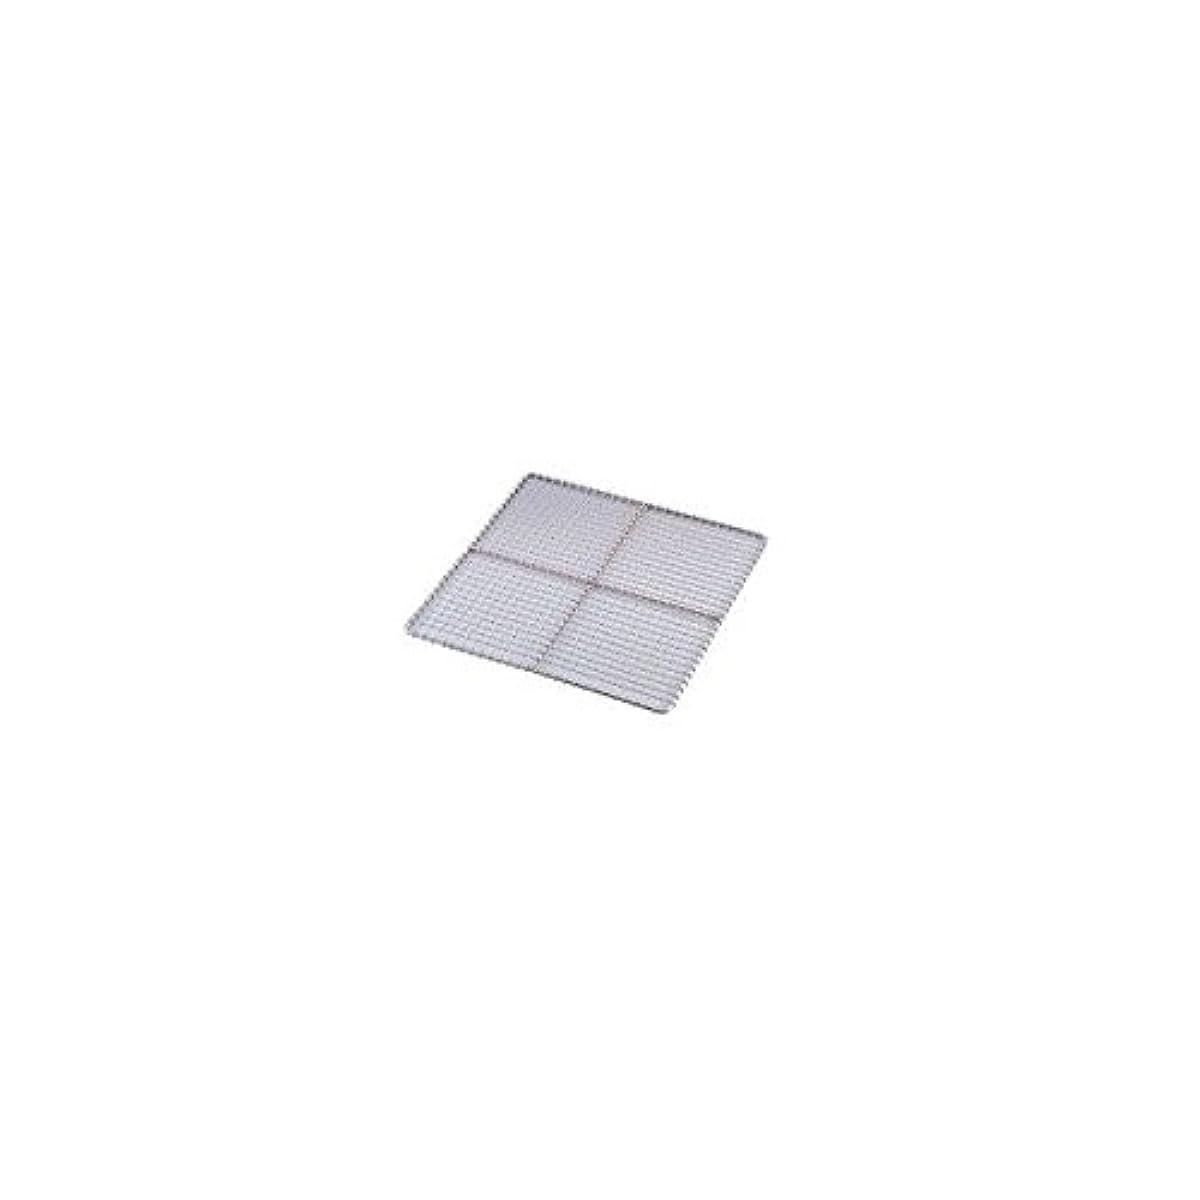 説明的湿気の多い軽量遠藤商事 せいろ シルバー 30cm用 業務用 クリンプ目セイロ網 WSI17010